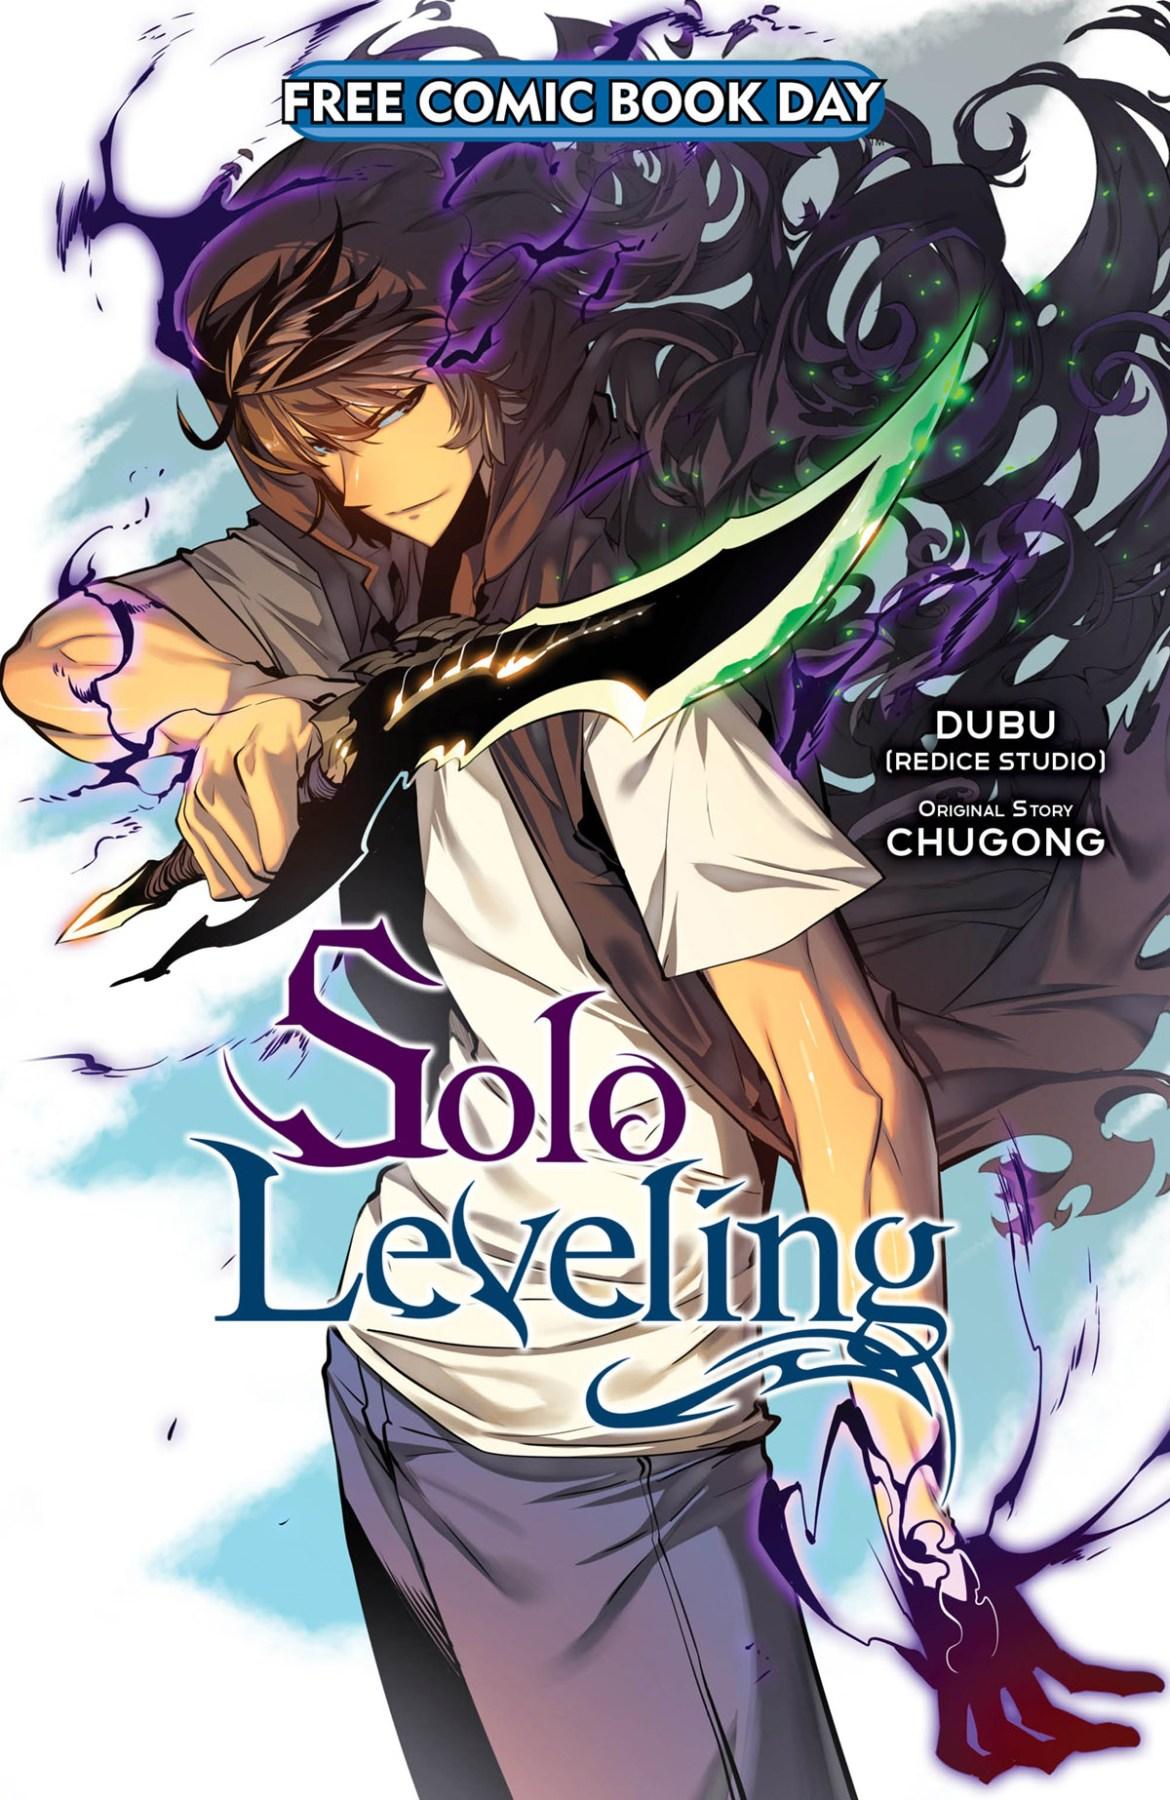 FCBD21_SILVER_Yen-Press_Solo-Leveling Complete Free Comic Book Day 2021 comic book line-up announced